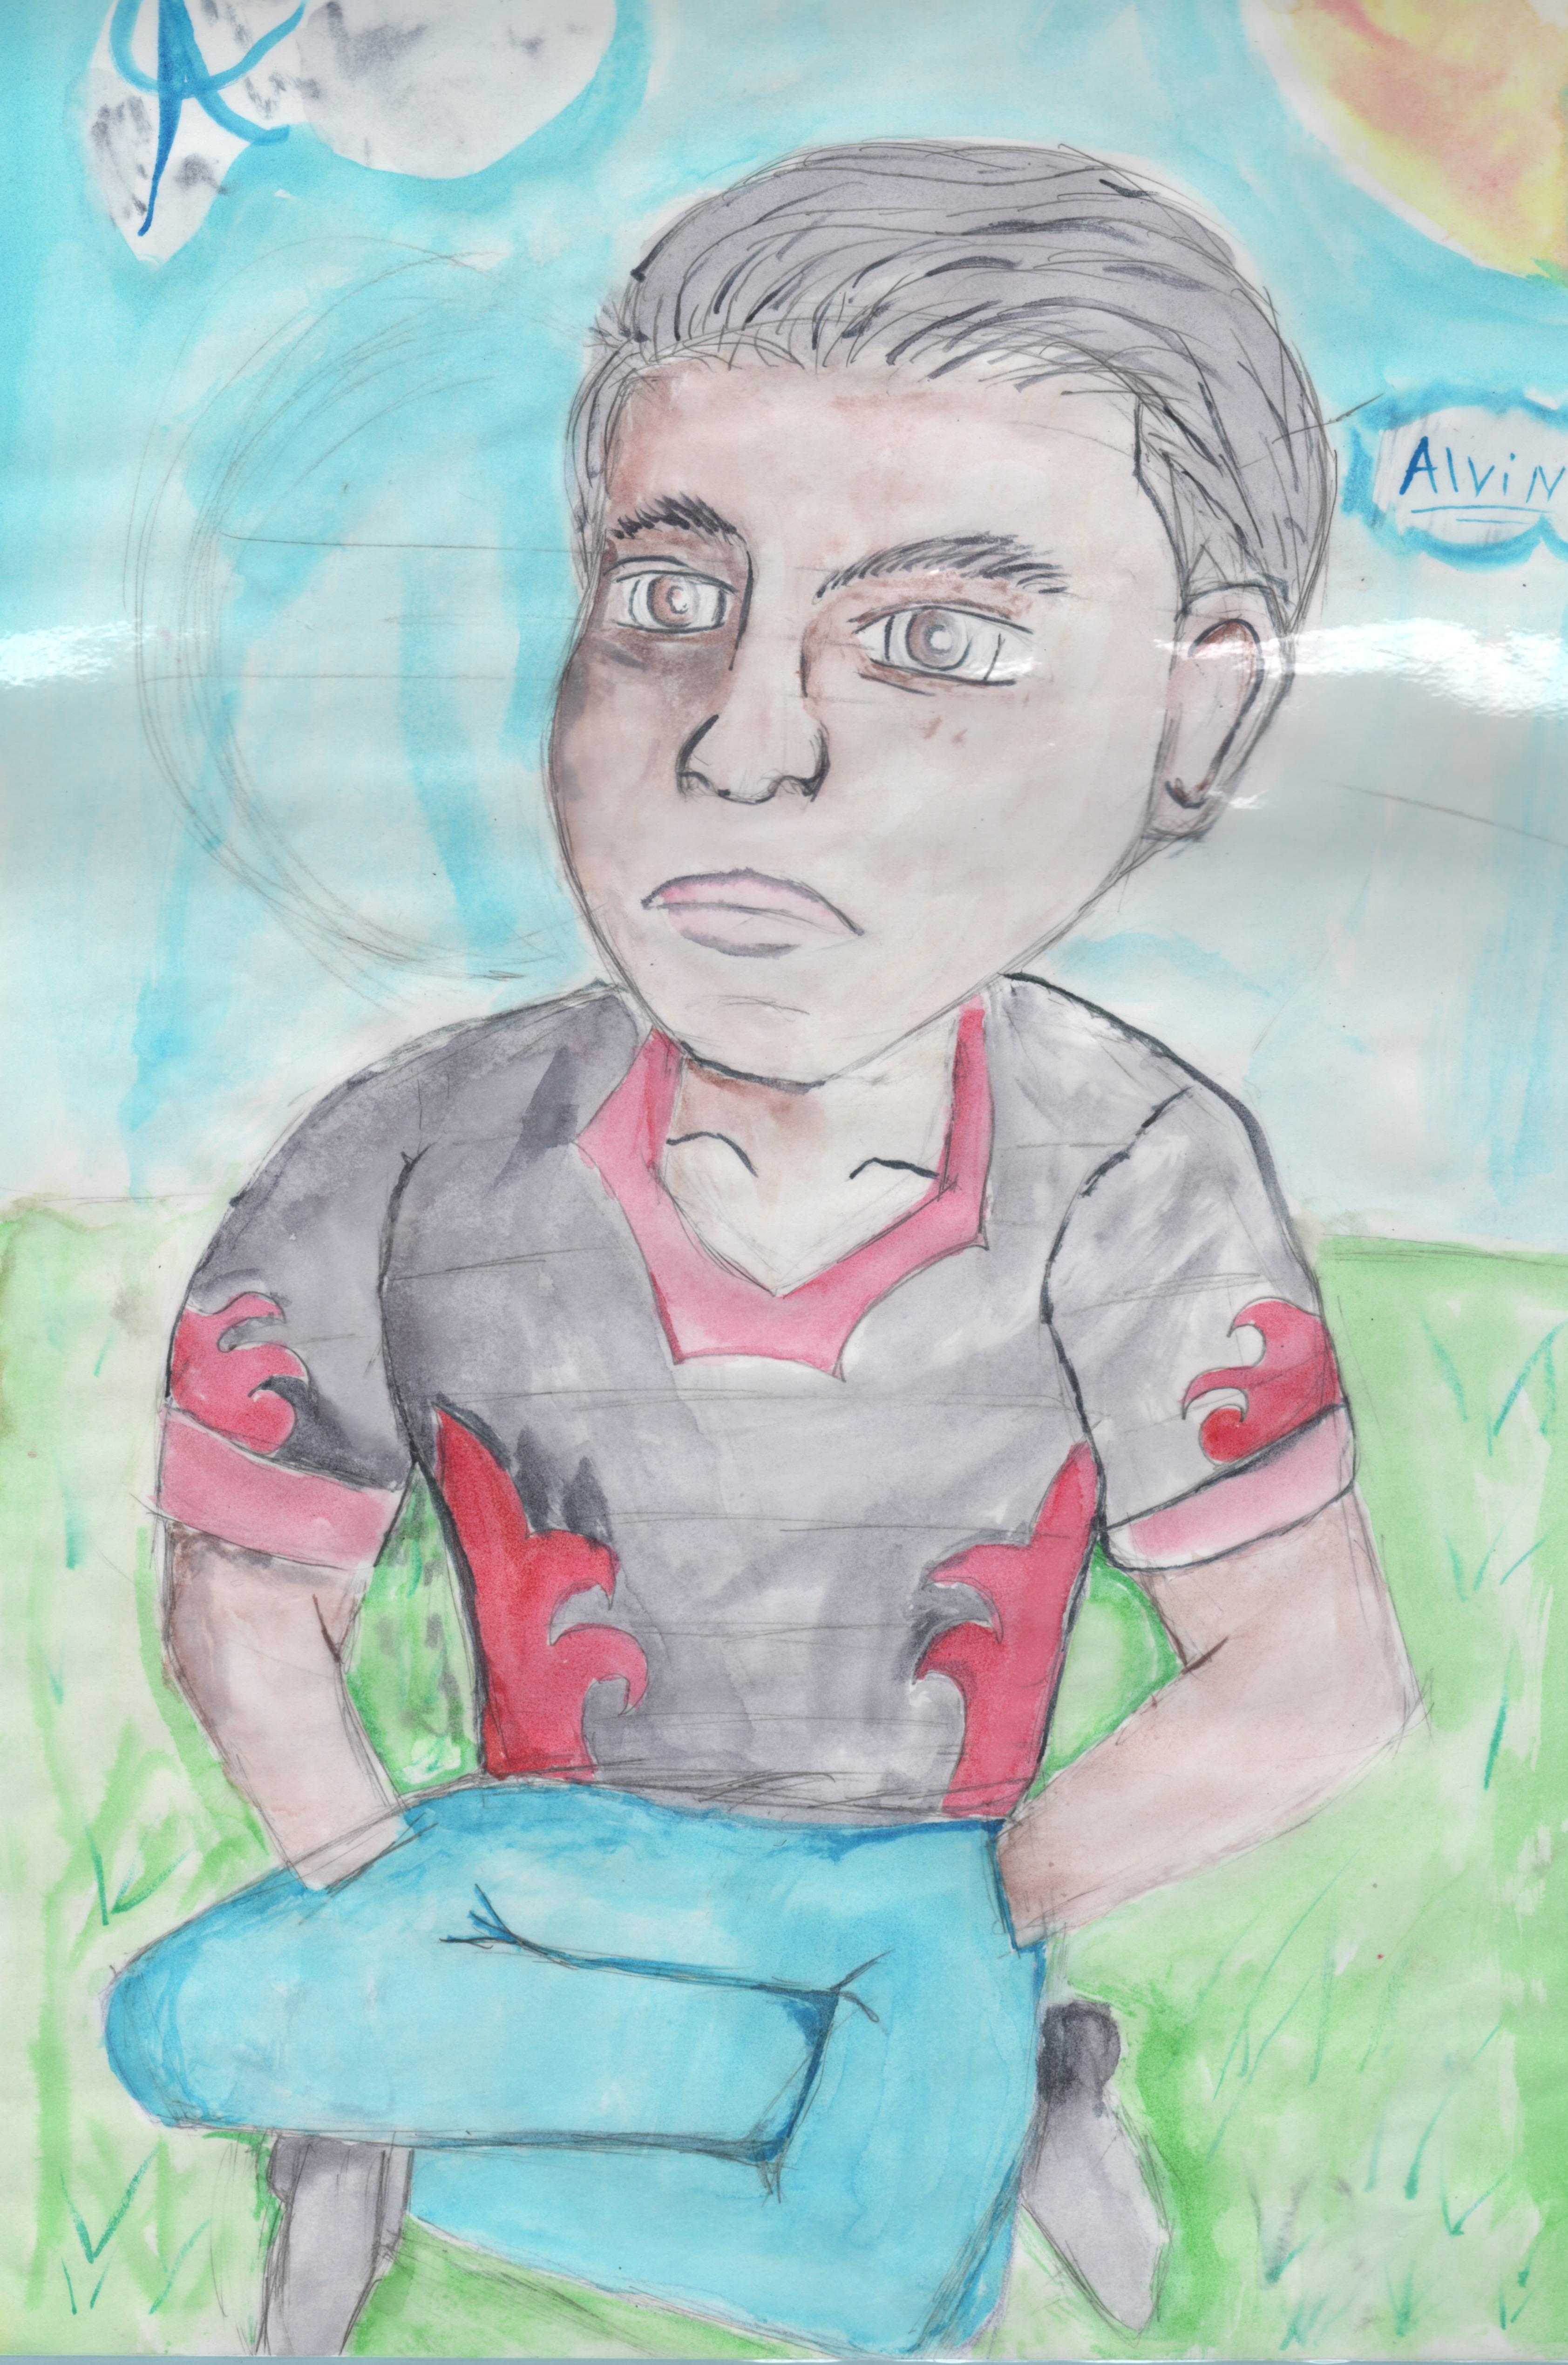 Portrait_AlvinC_01